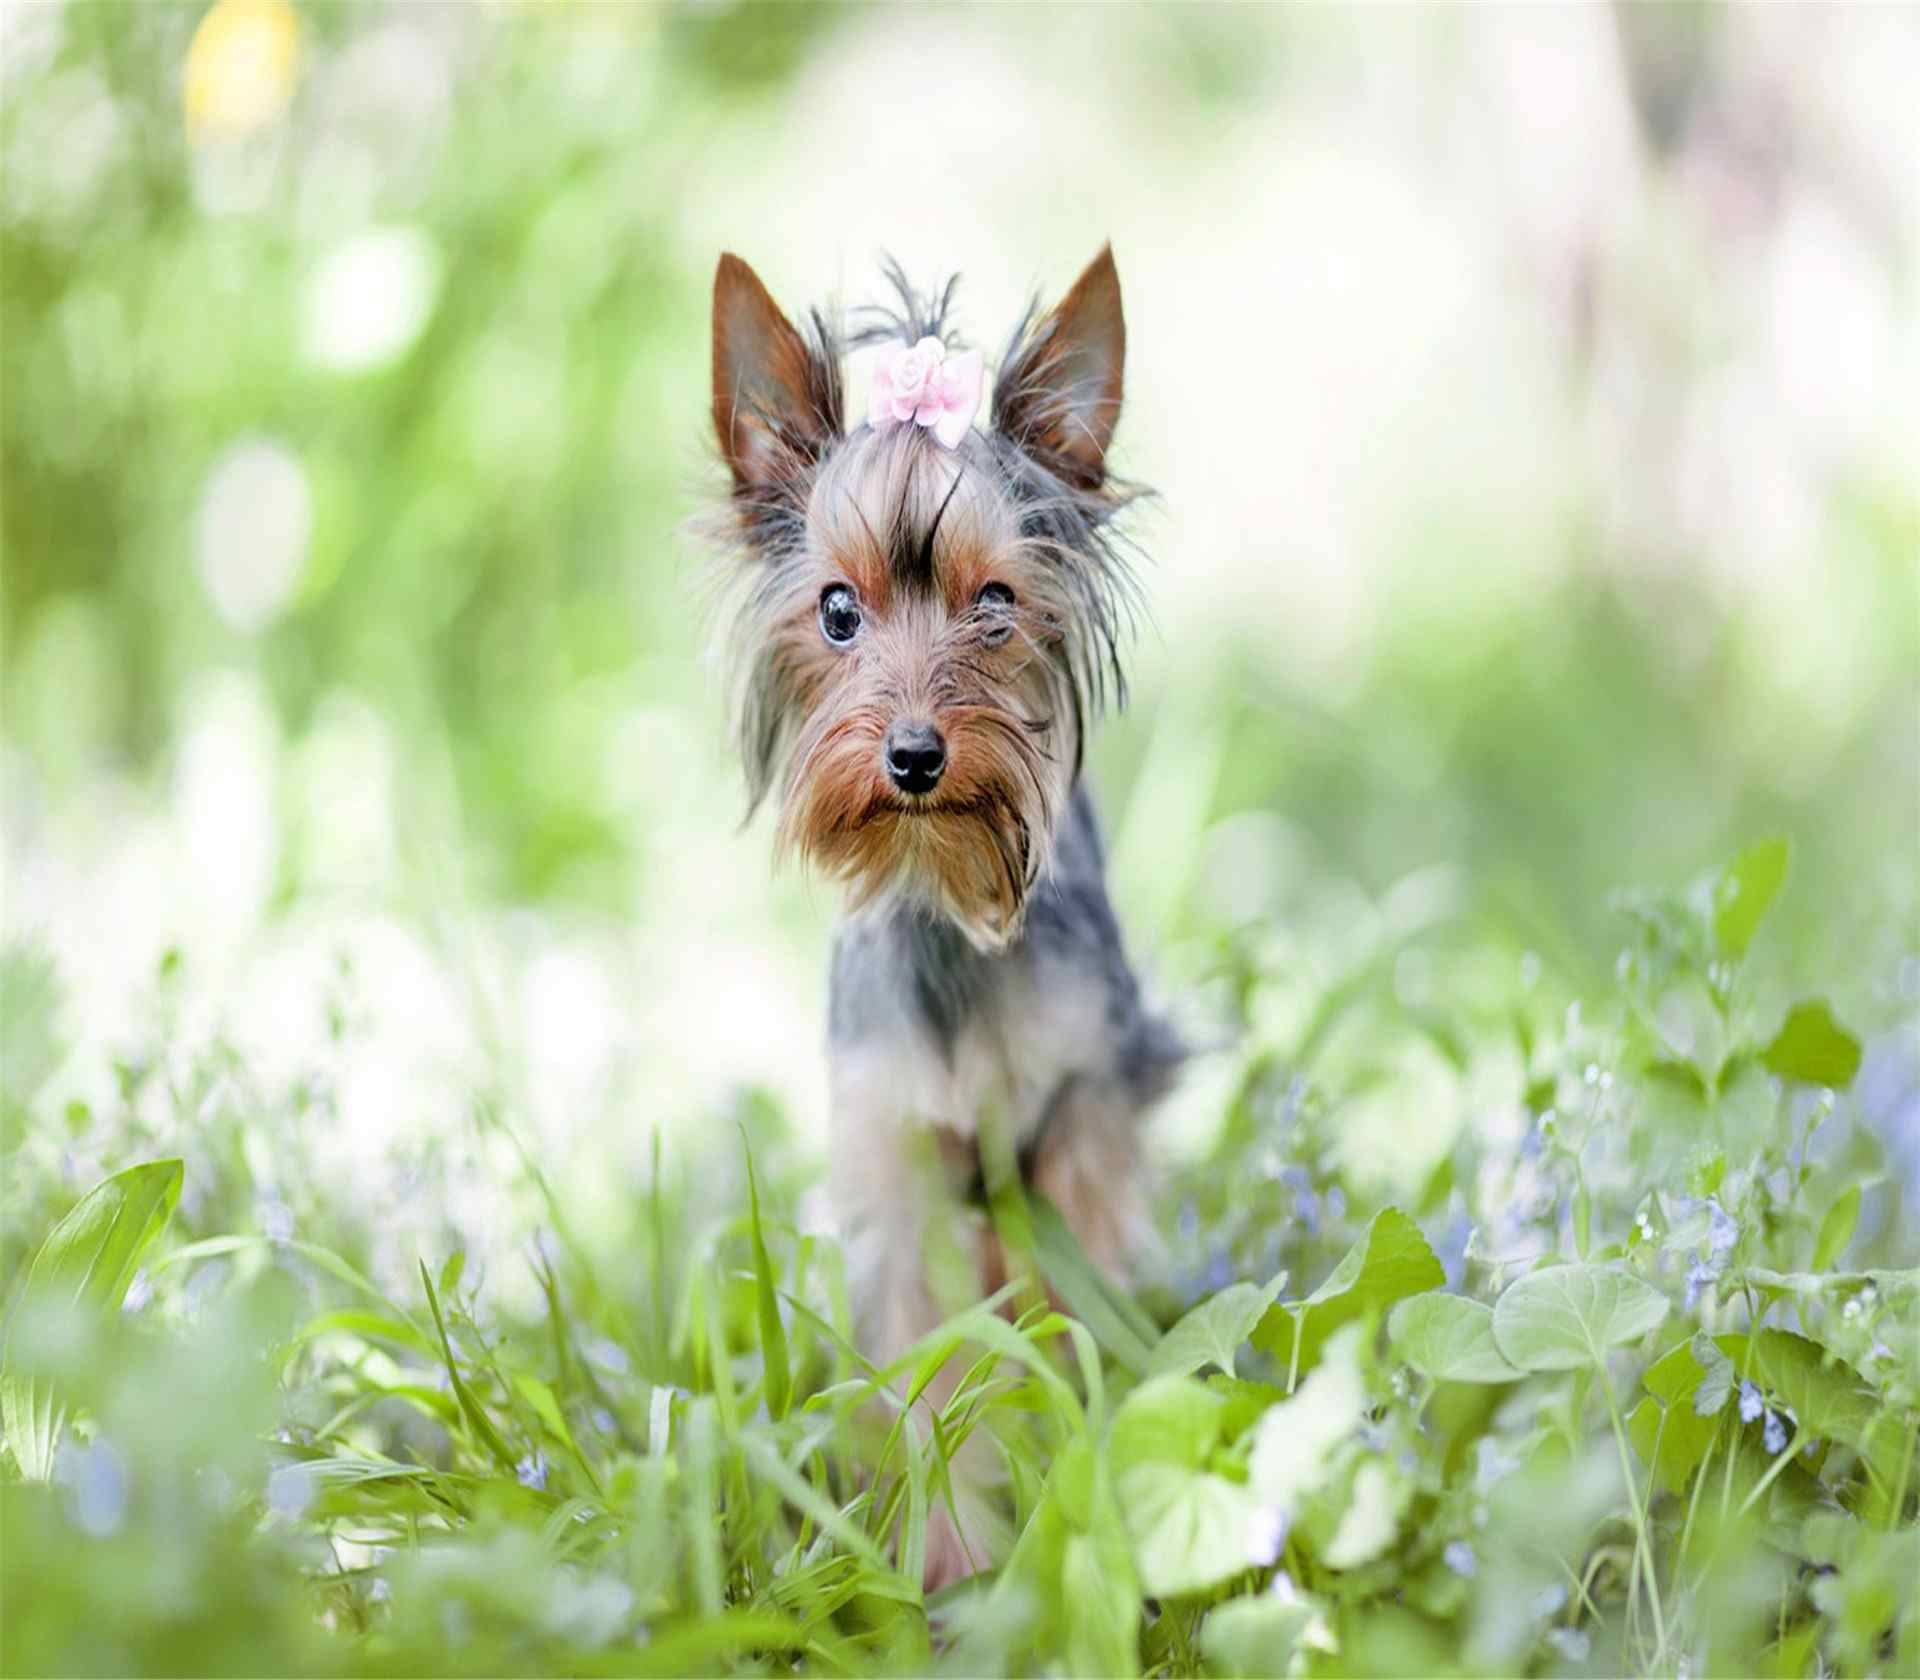 草丛中行走的约克夏犬高清壁纸